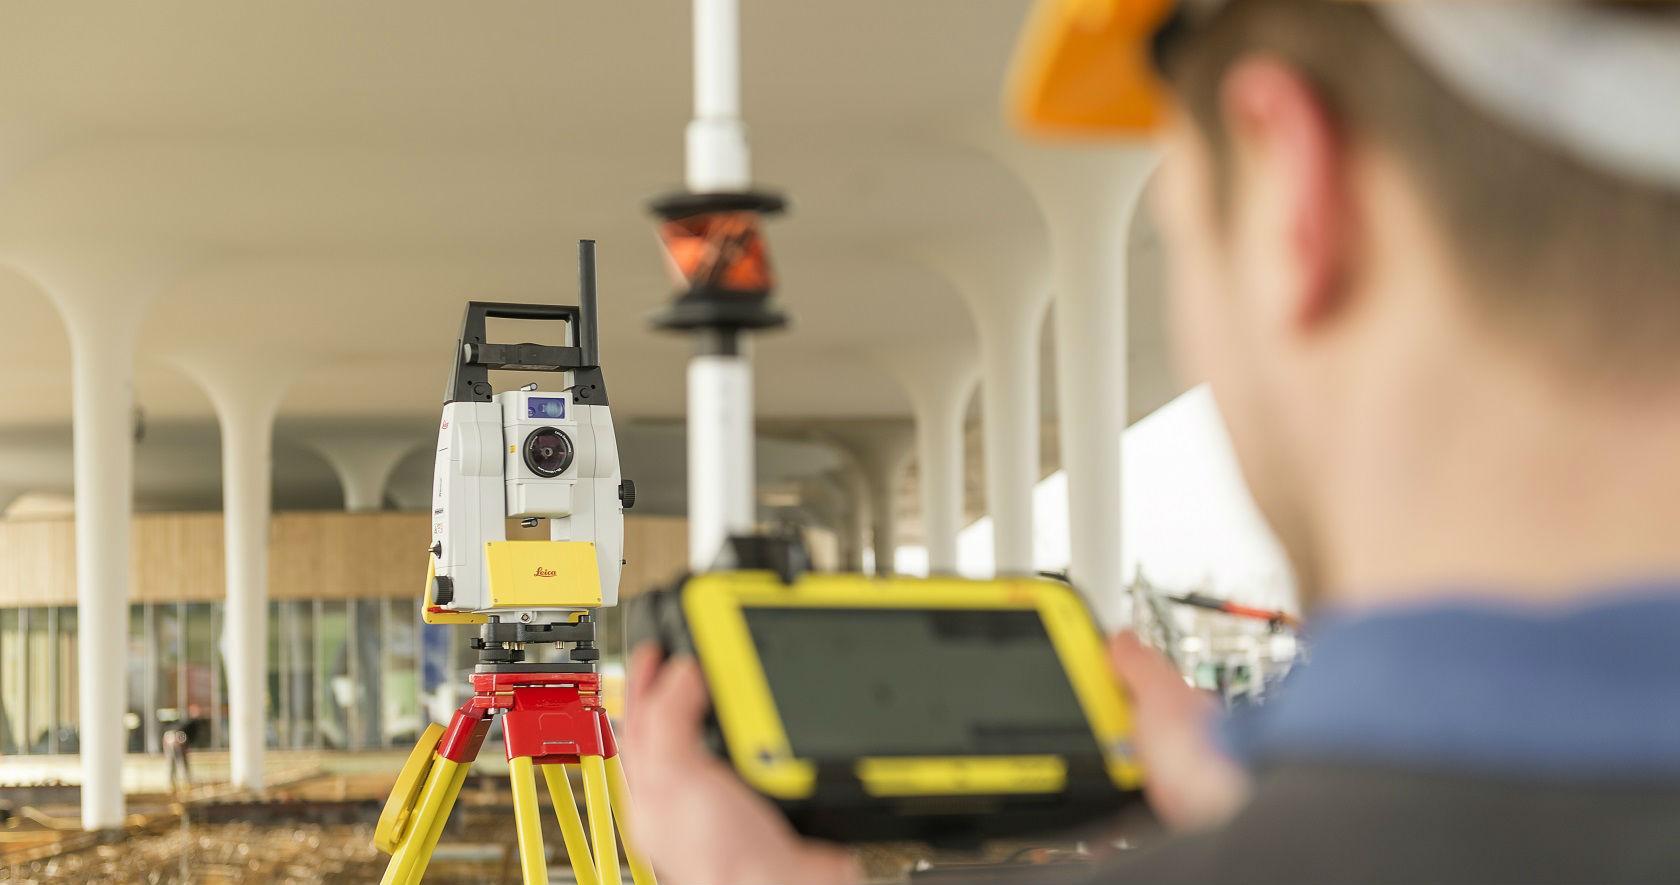 Сопровождение строительства: актуальность услуги на современных строительных площадках